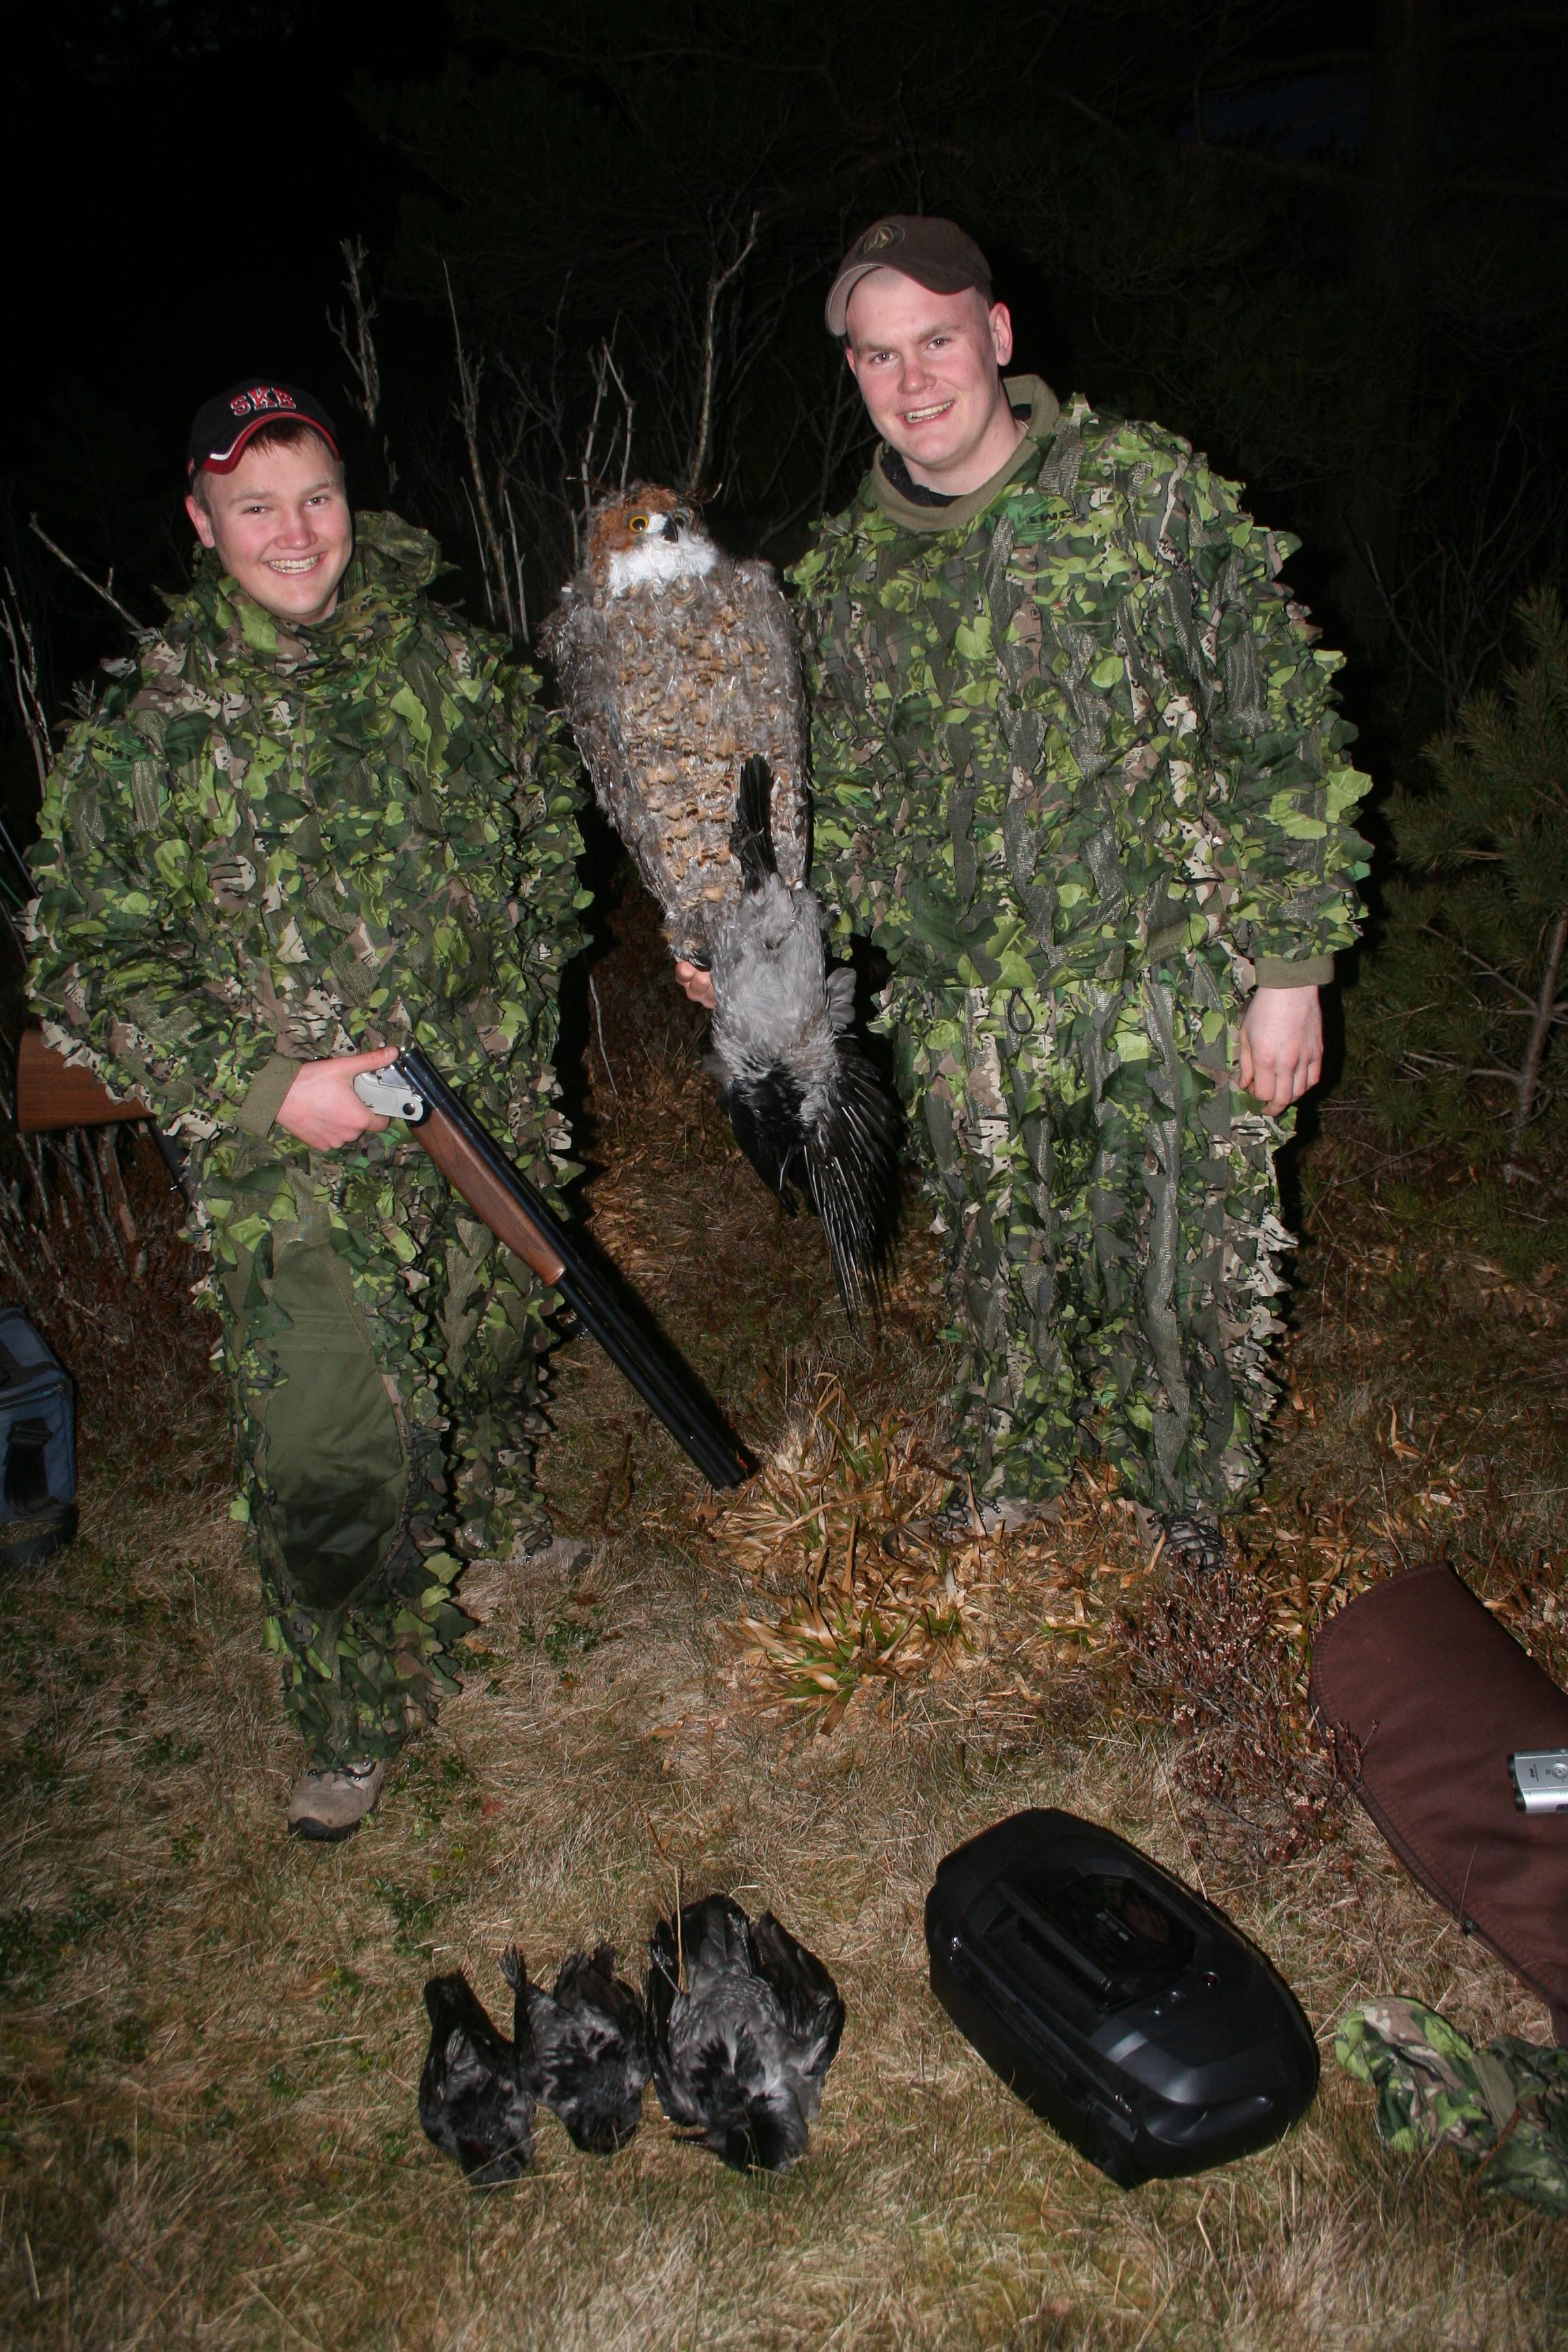 Kay og Raymond Skaar i Os i Hordaland, er på kråkejakt for nest siste gang 2011. Raymond leder predatorjaktkonkurransen knepent - kun med ei kråke! - og vil sette inn støtet med hjelp av en meget forsggjort hubro. Hver eneste fjær er limt på fuglen. Og den virker!